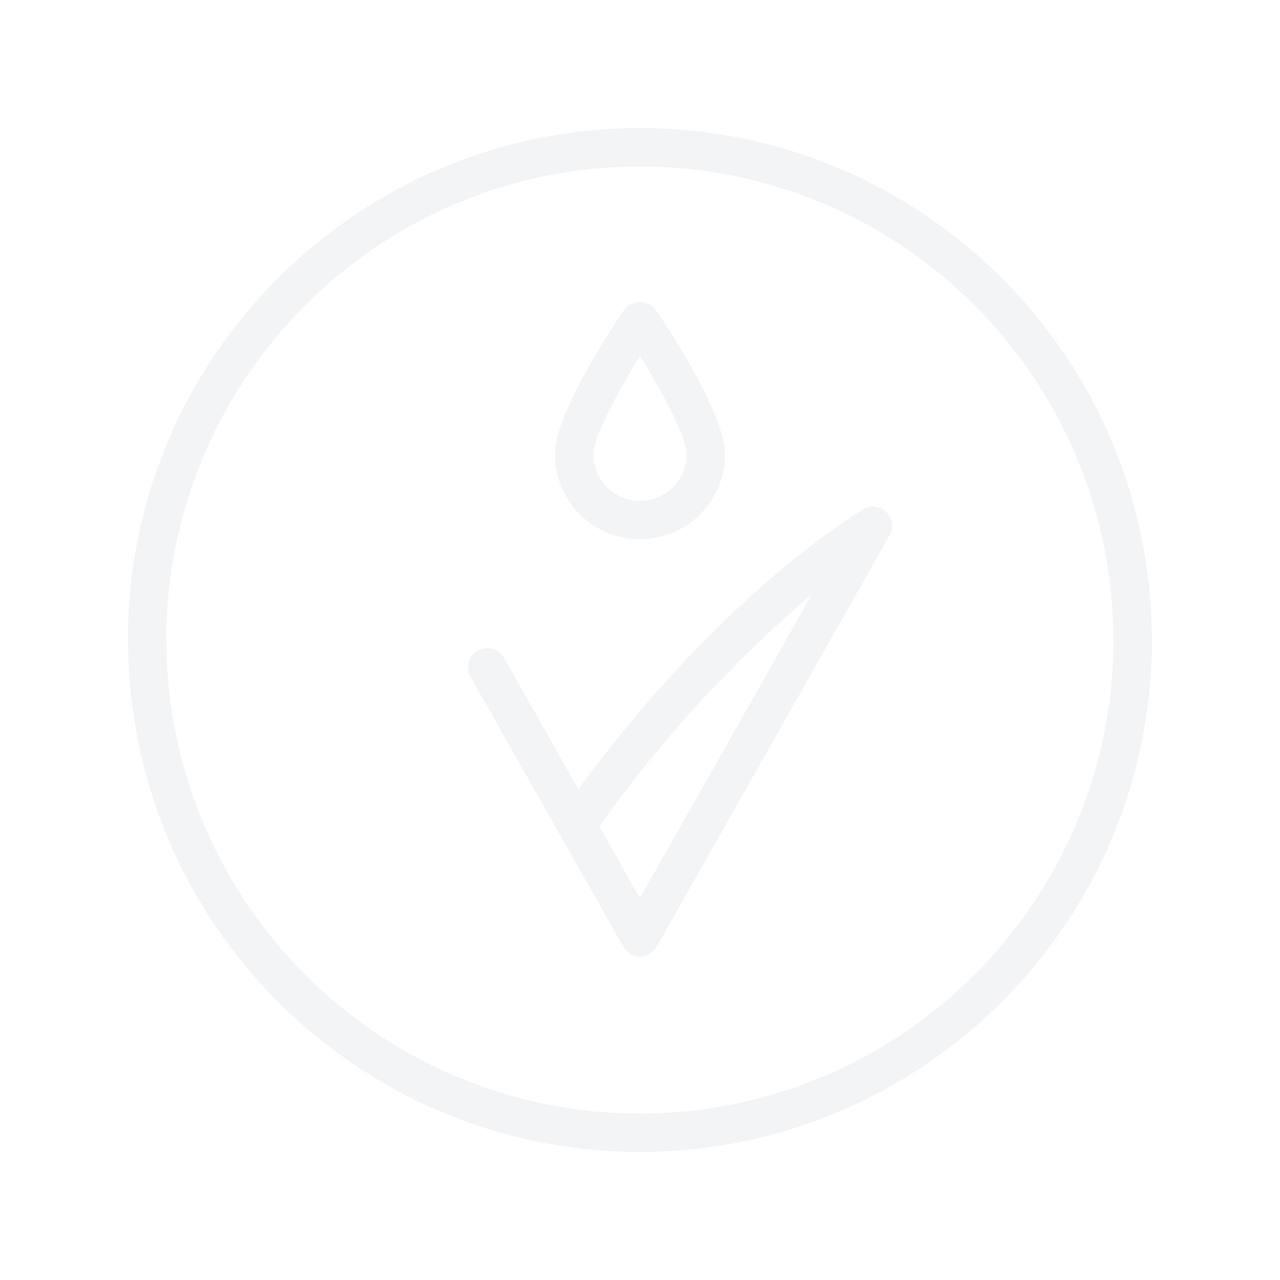 LACOSTE Eau De Lacoste L.12.12 Pour Elle Sparkling 50ml Eau De Toilette Gift Set